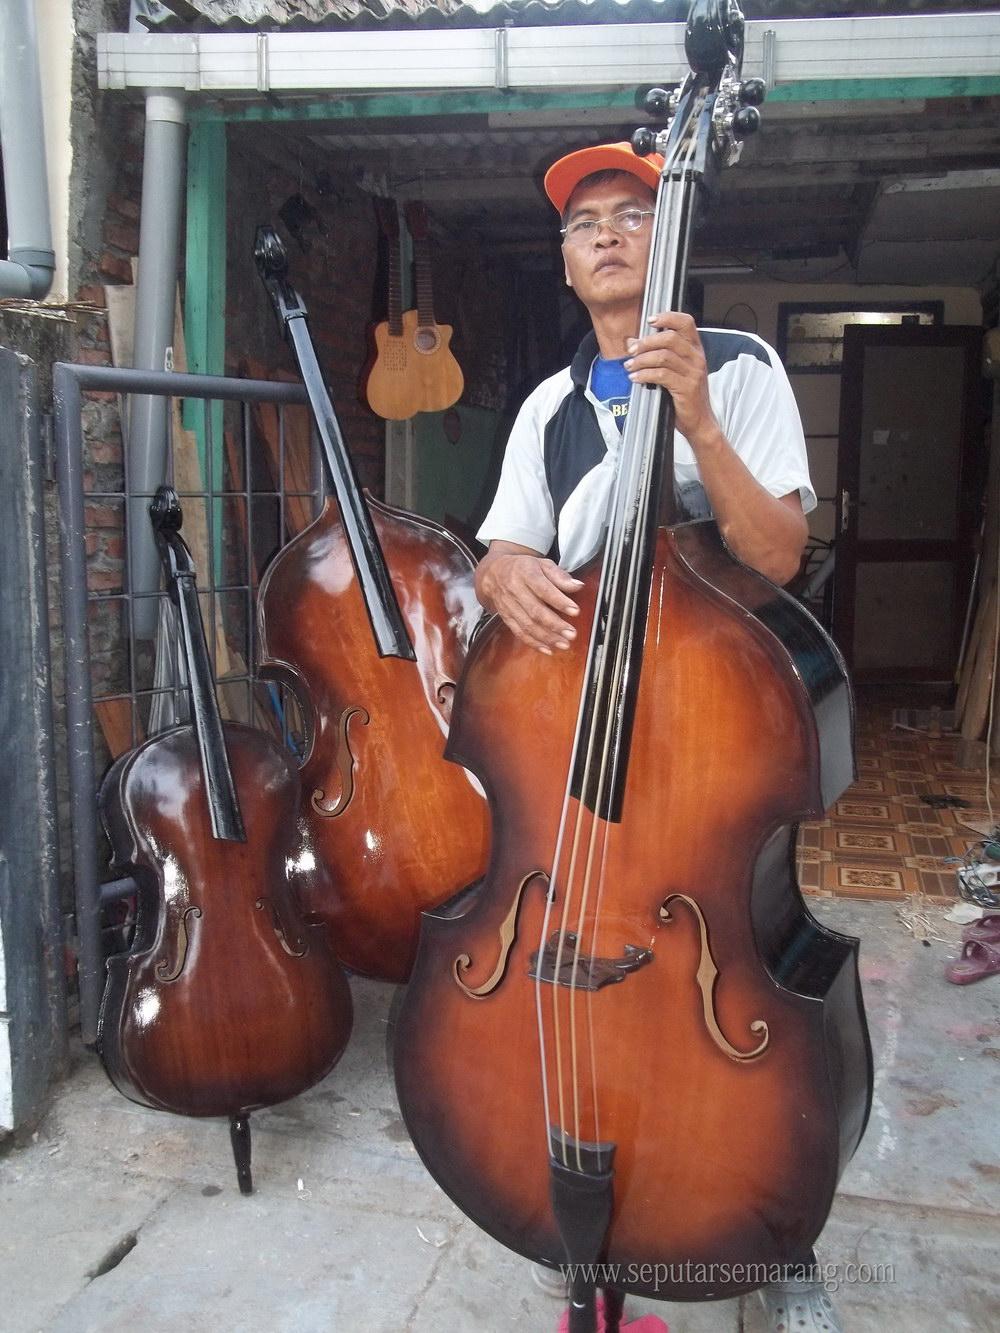 KH Han's Musik, Jasa Pembuatan & Pengrajin Alat Musik   Seputar Semarang